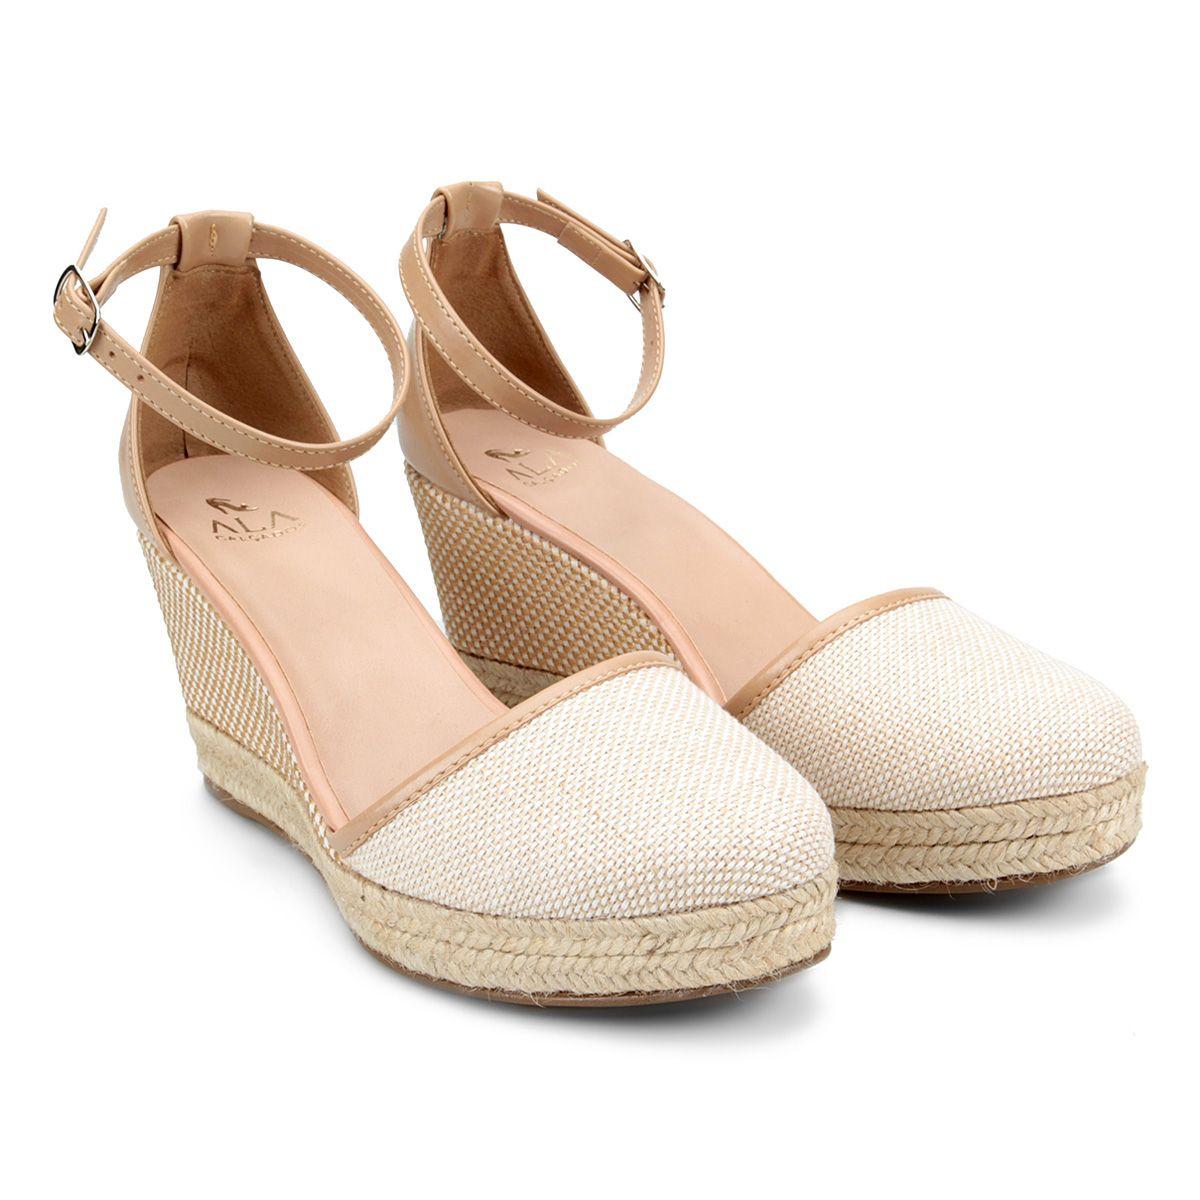 Calçados femininos compre online, ótimos preços | Shafa